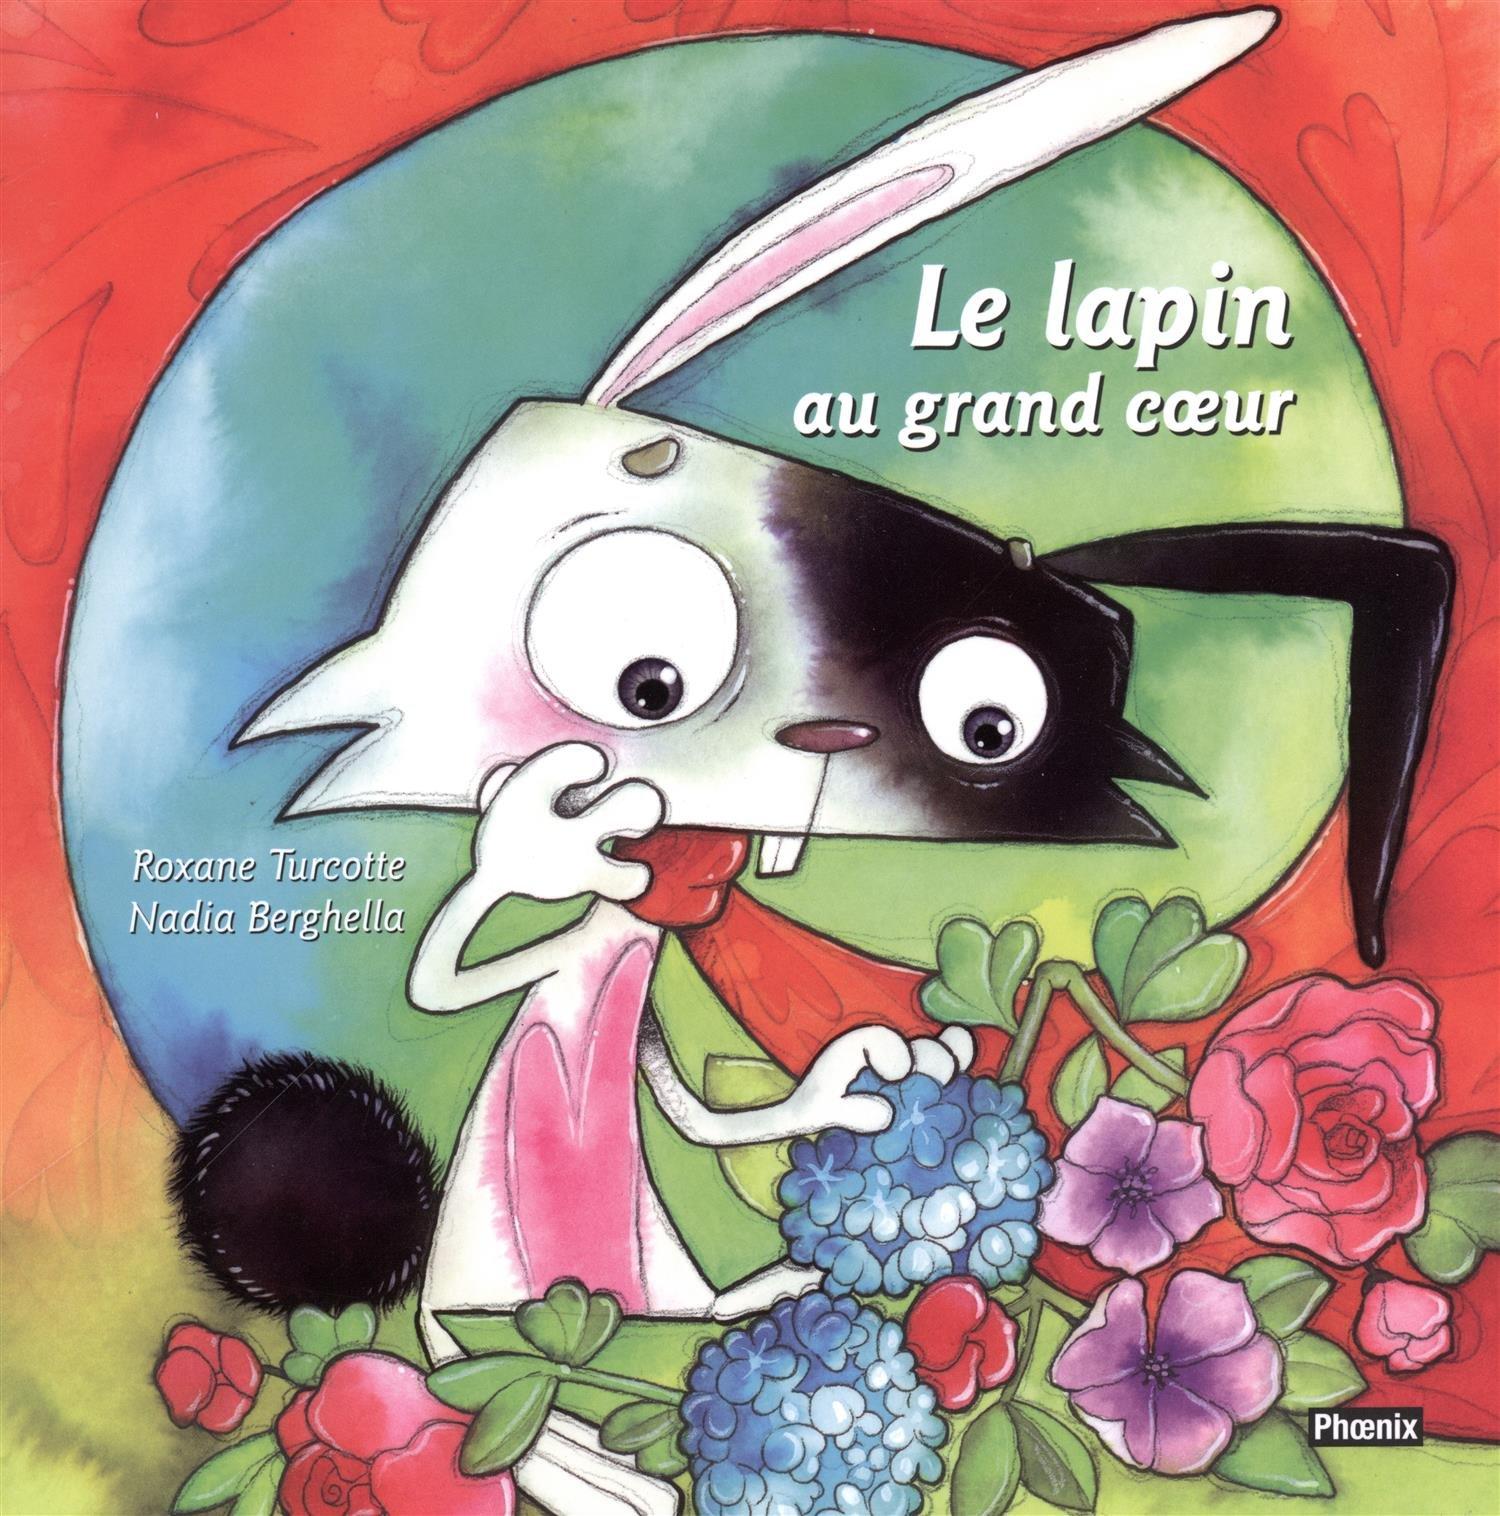 Le lapin au grand coeur